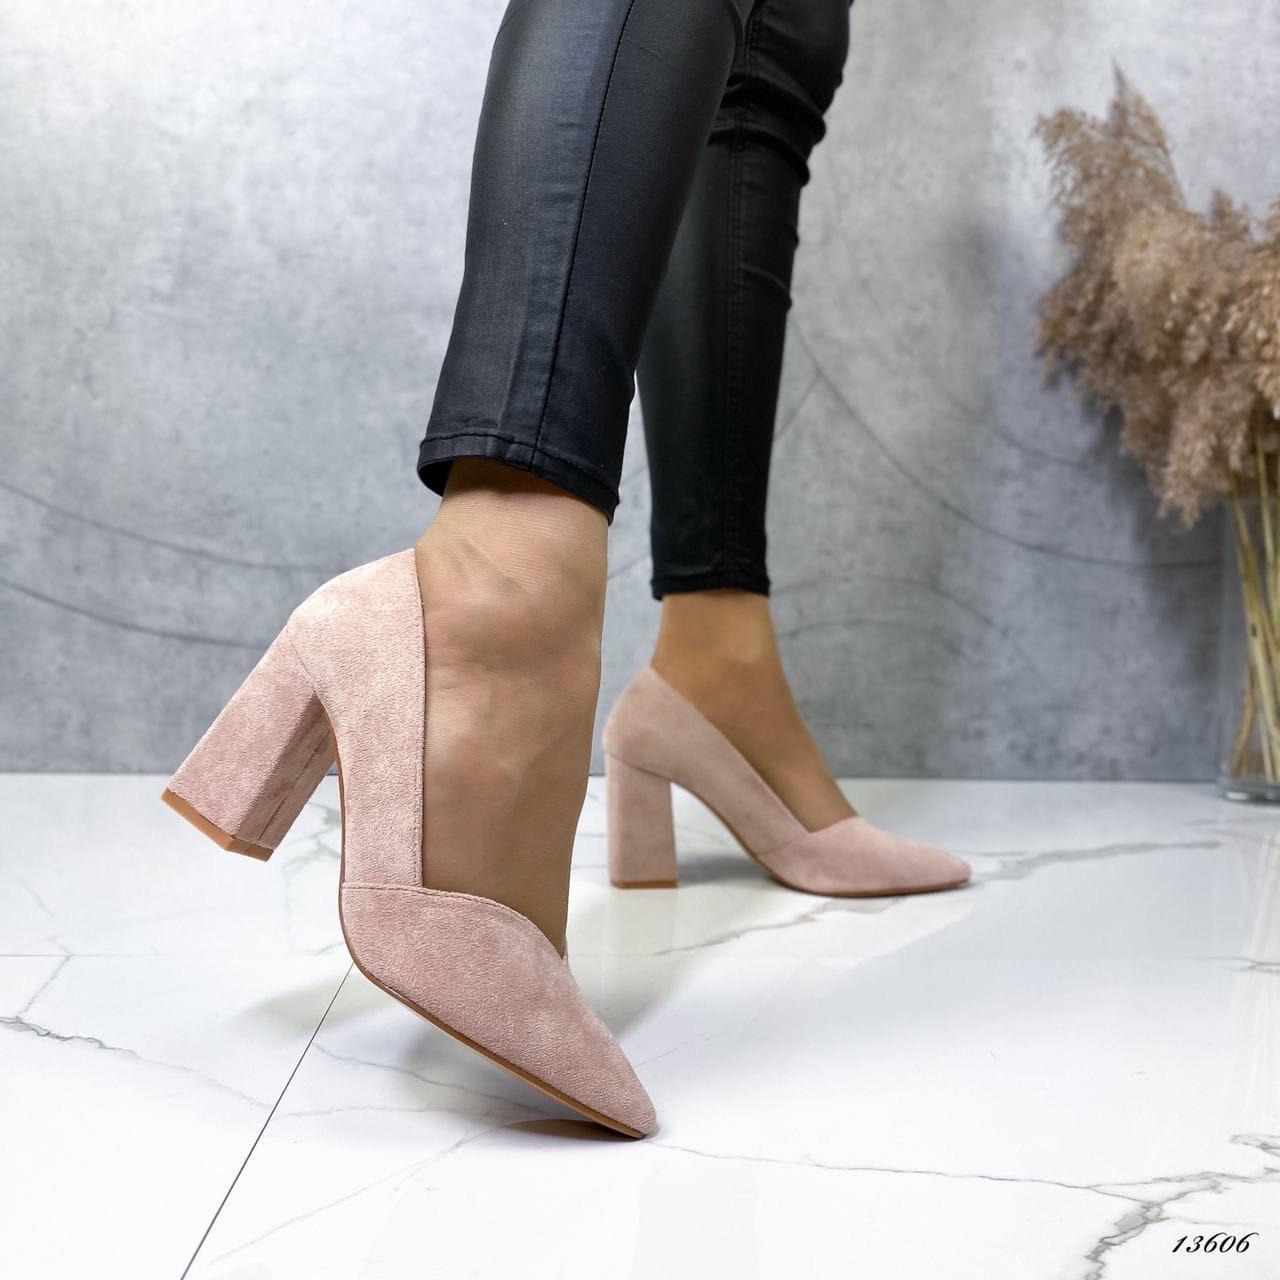 Женские туфли с острым носком 13606